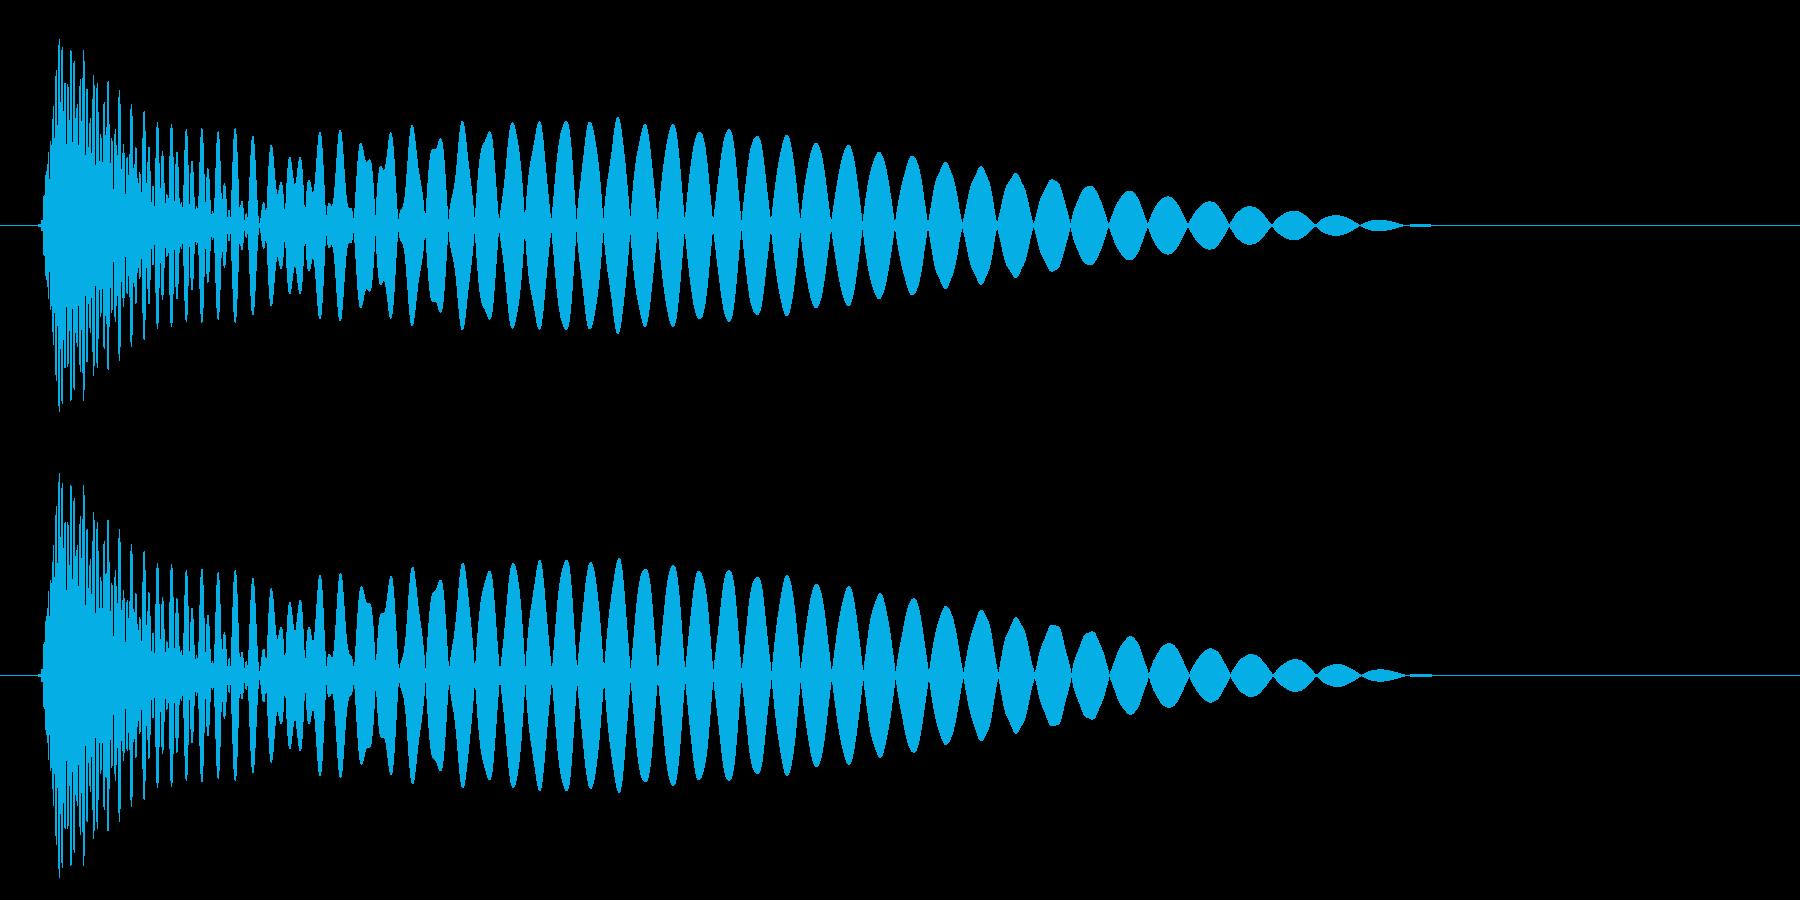 ポン(かわいい音色)の再生済みの波形